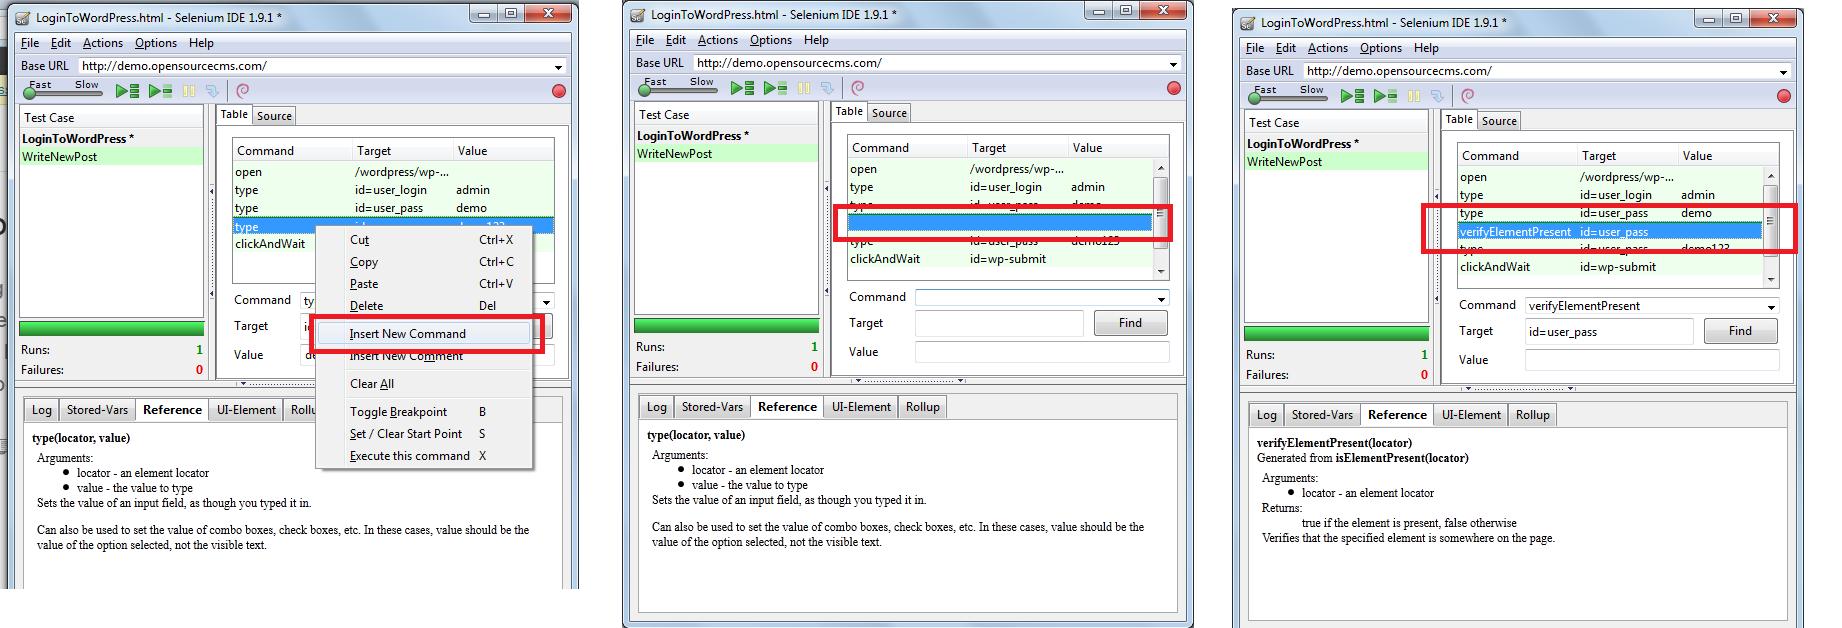 how to Insert commands in between script using selenium IDE?